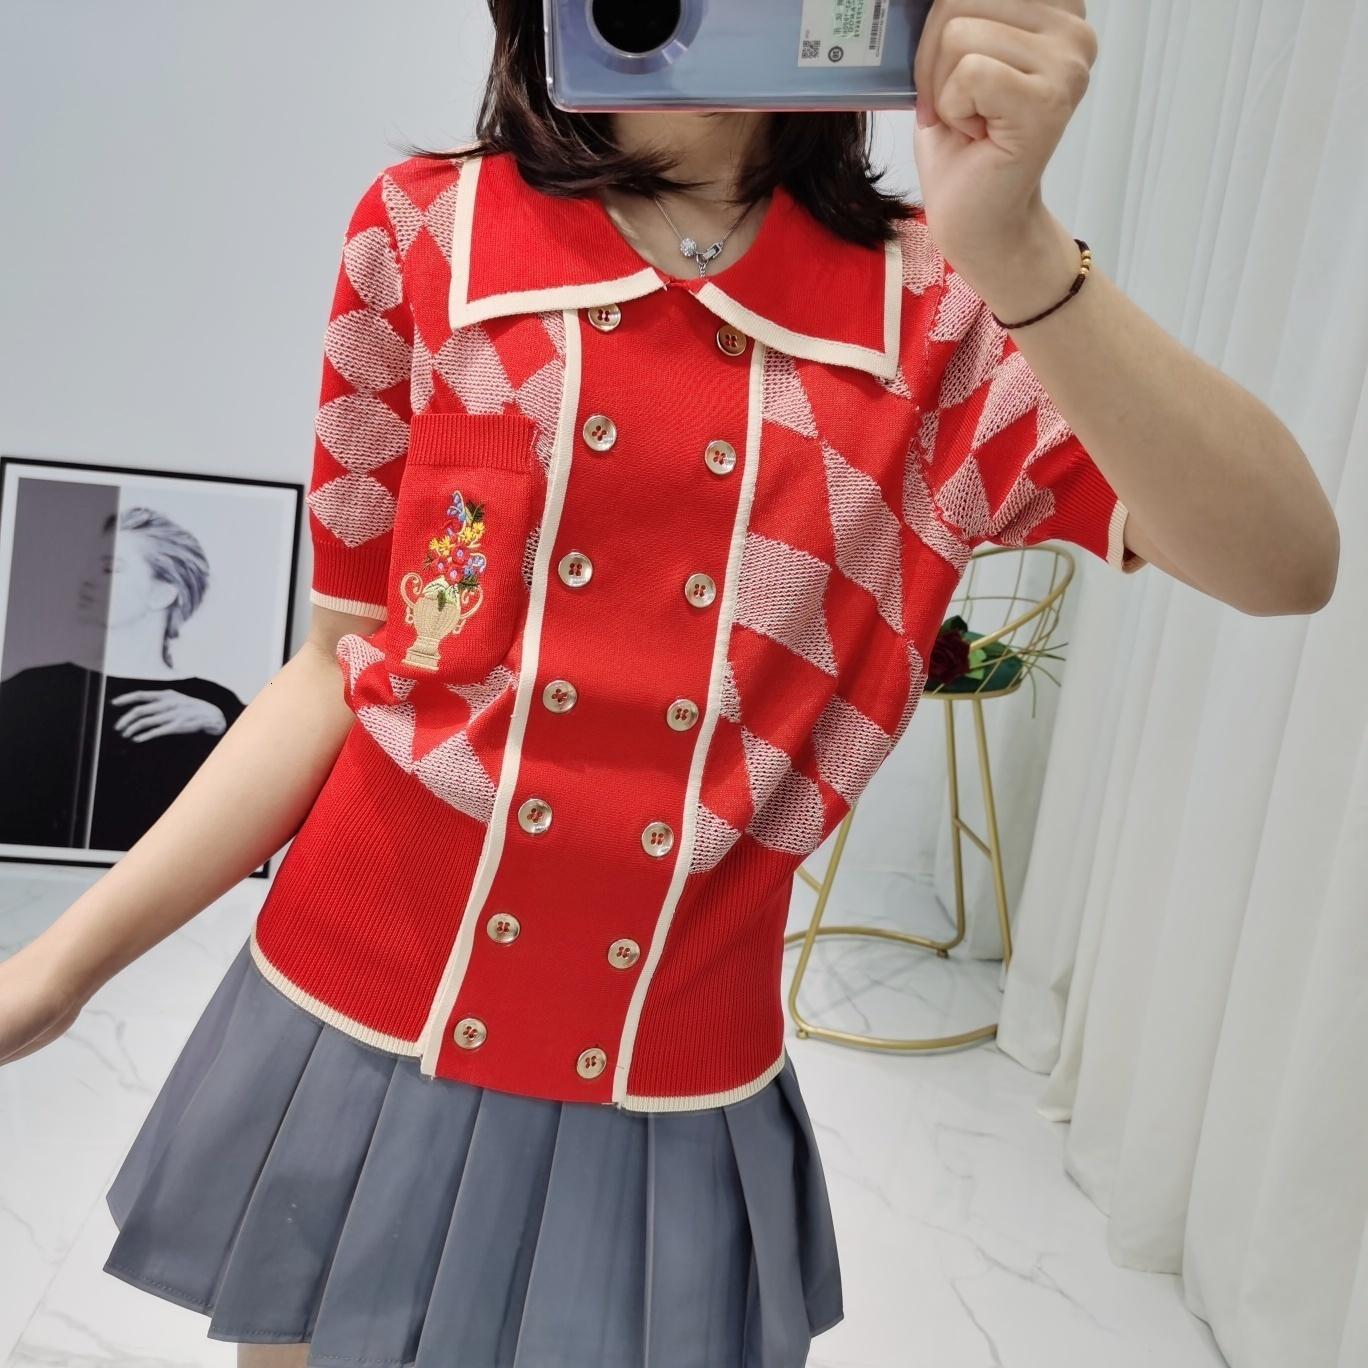 Diseñador DS7T camiseta camisas casuales de las mujeres camisetas de las mujeres sueltan la venta al por mayor caliente recomendar la mejor venta el nuevo sencillo lista